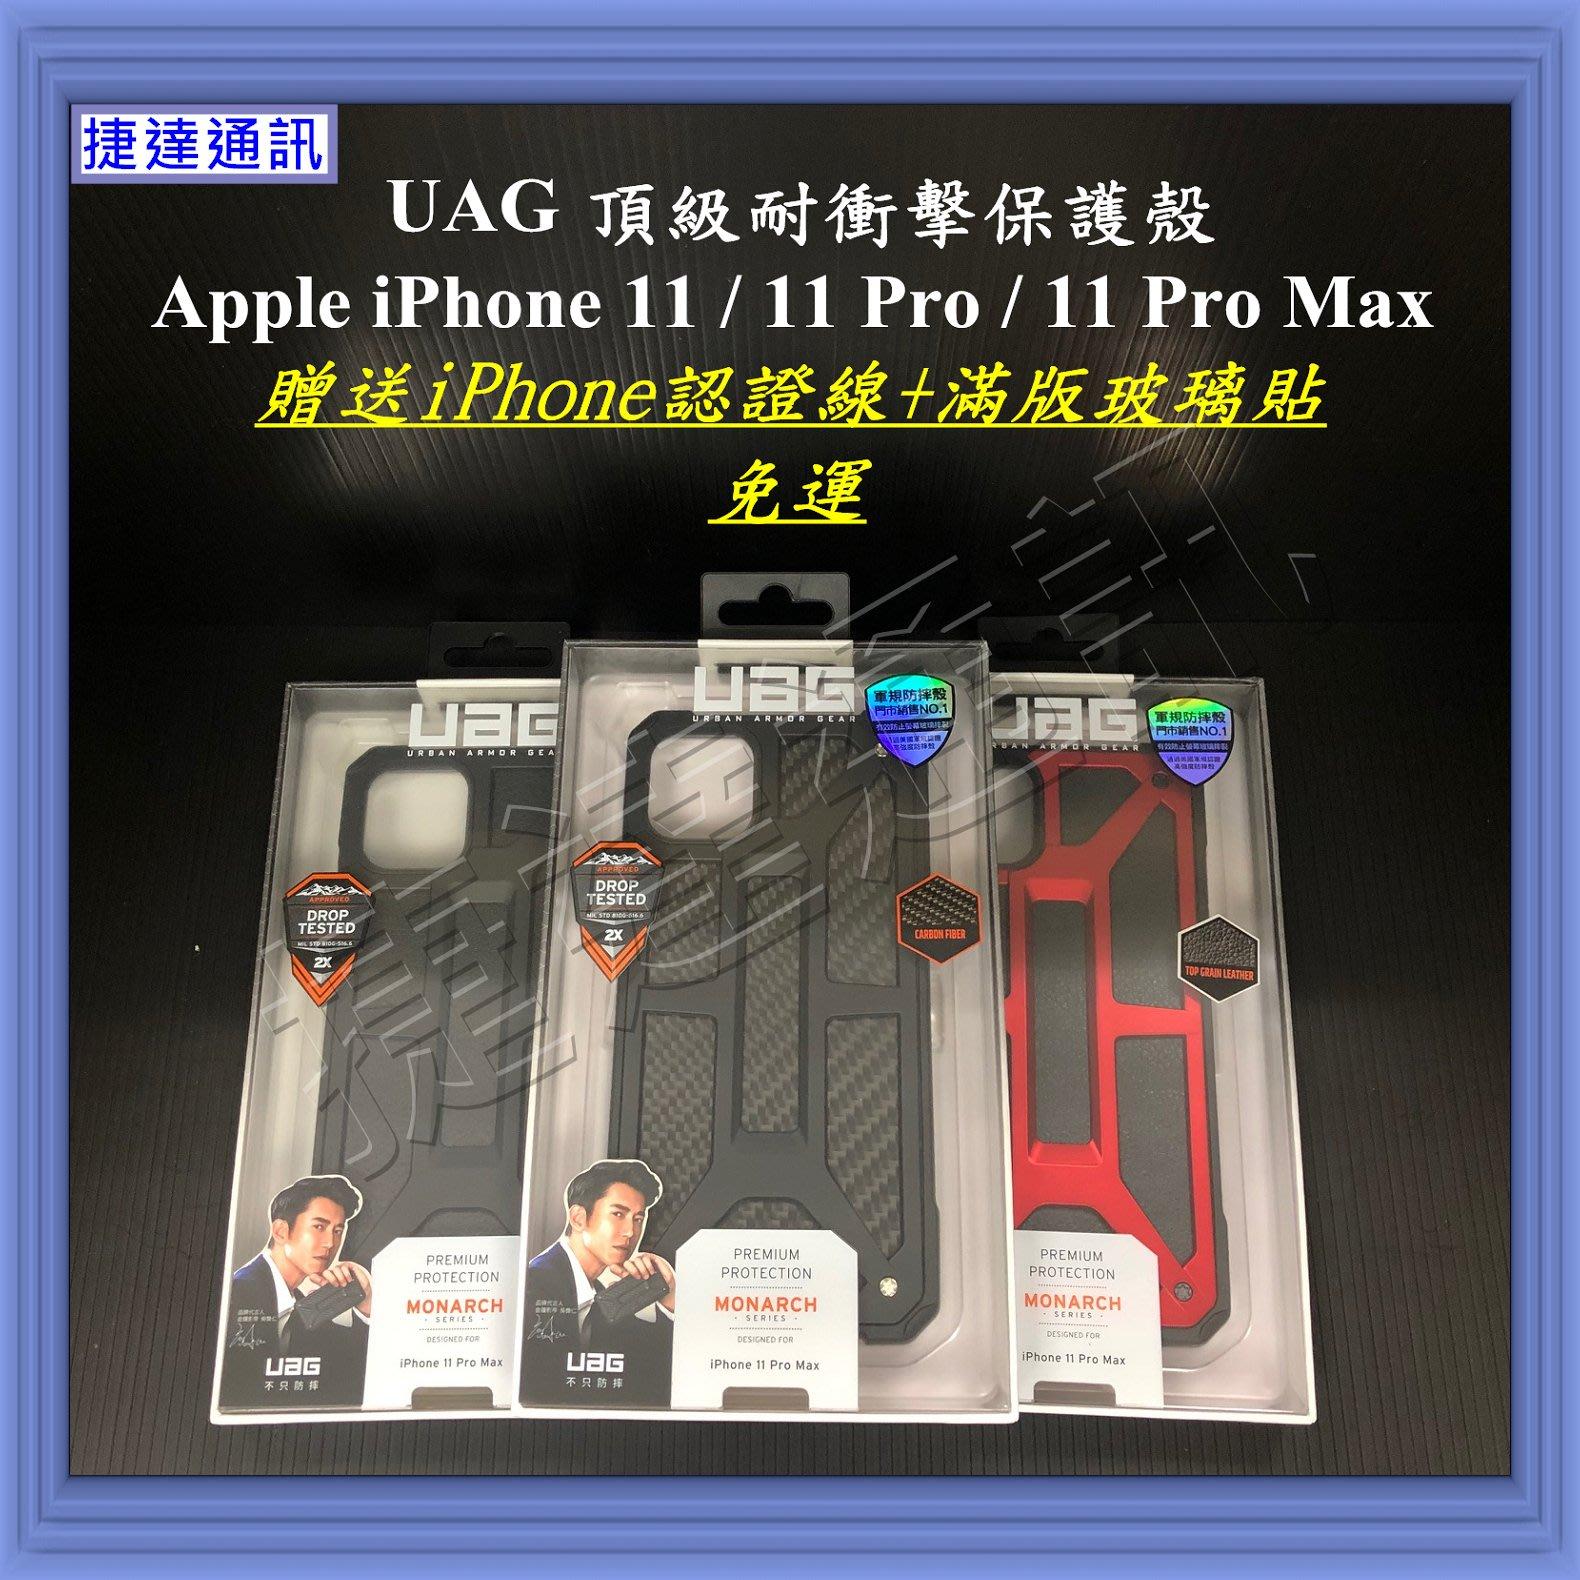 【捷達通訊】UAG 頂級耐衝擊保護殼 防摔殼 Apple iPhone 11/ 11 Pro/ 11 Pro Max免運